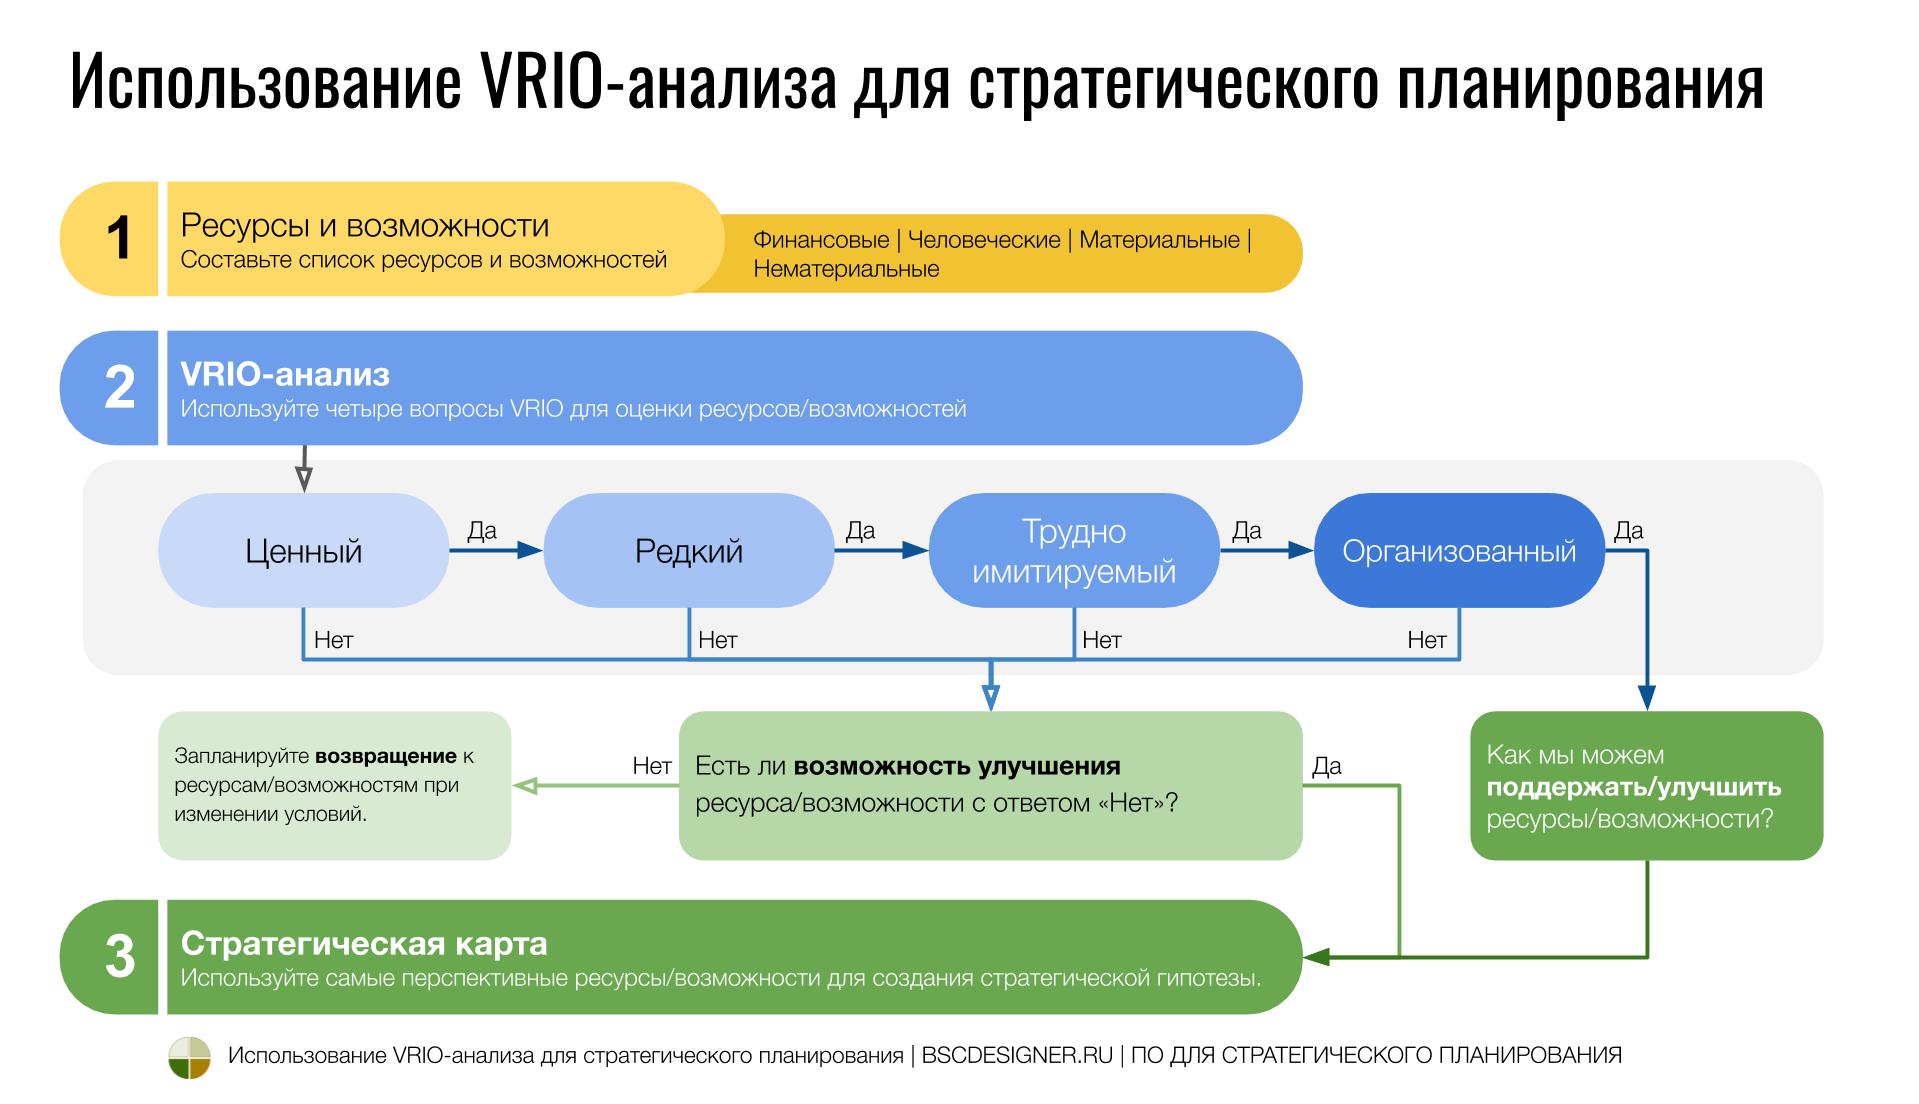 Использование VRIO-анализа в стратегическом планировании